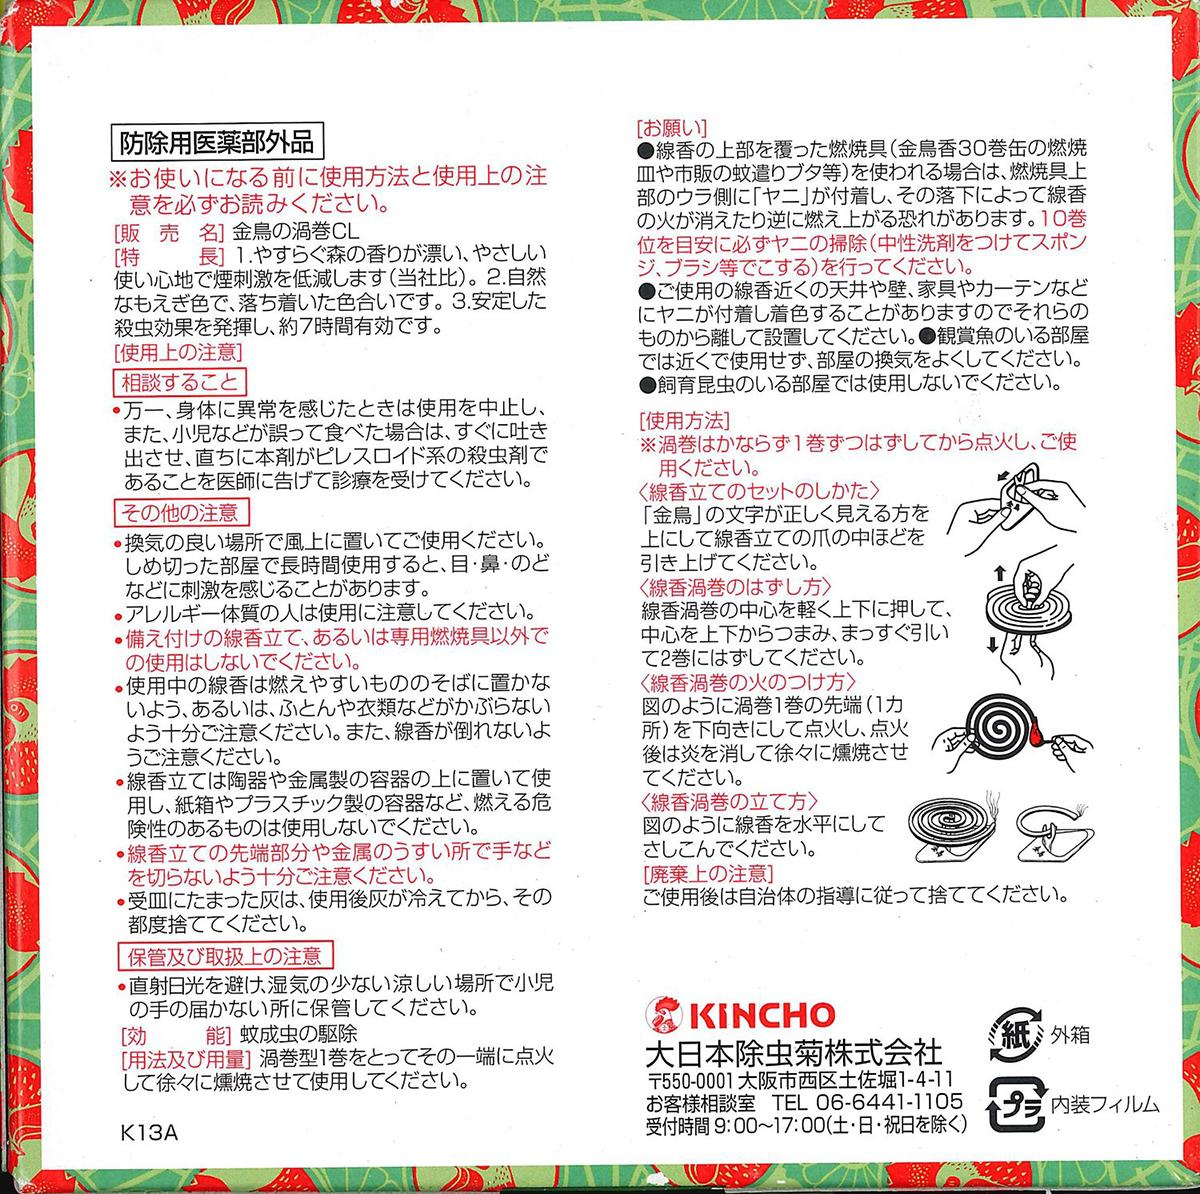 【本日ポイント5倍相当】株式会社フードケアスベラカーゼプラス1kg × 8【JAPITALFOODS】(発送までに7~10日かかります・ご注文後のキャンセルは出来ません)